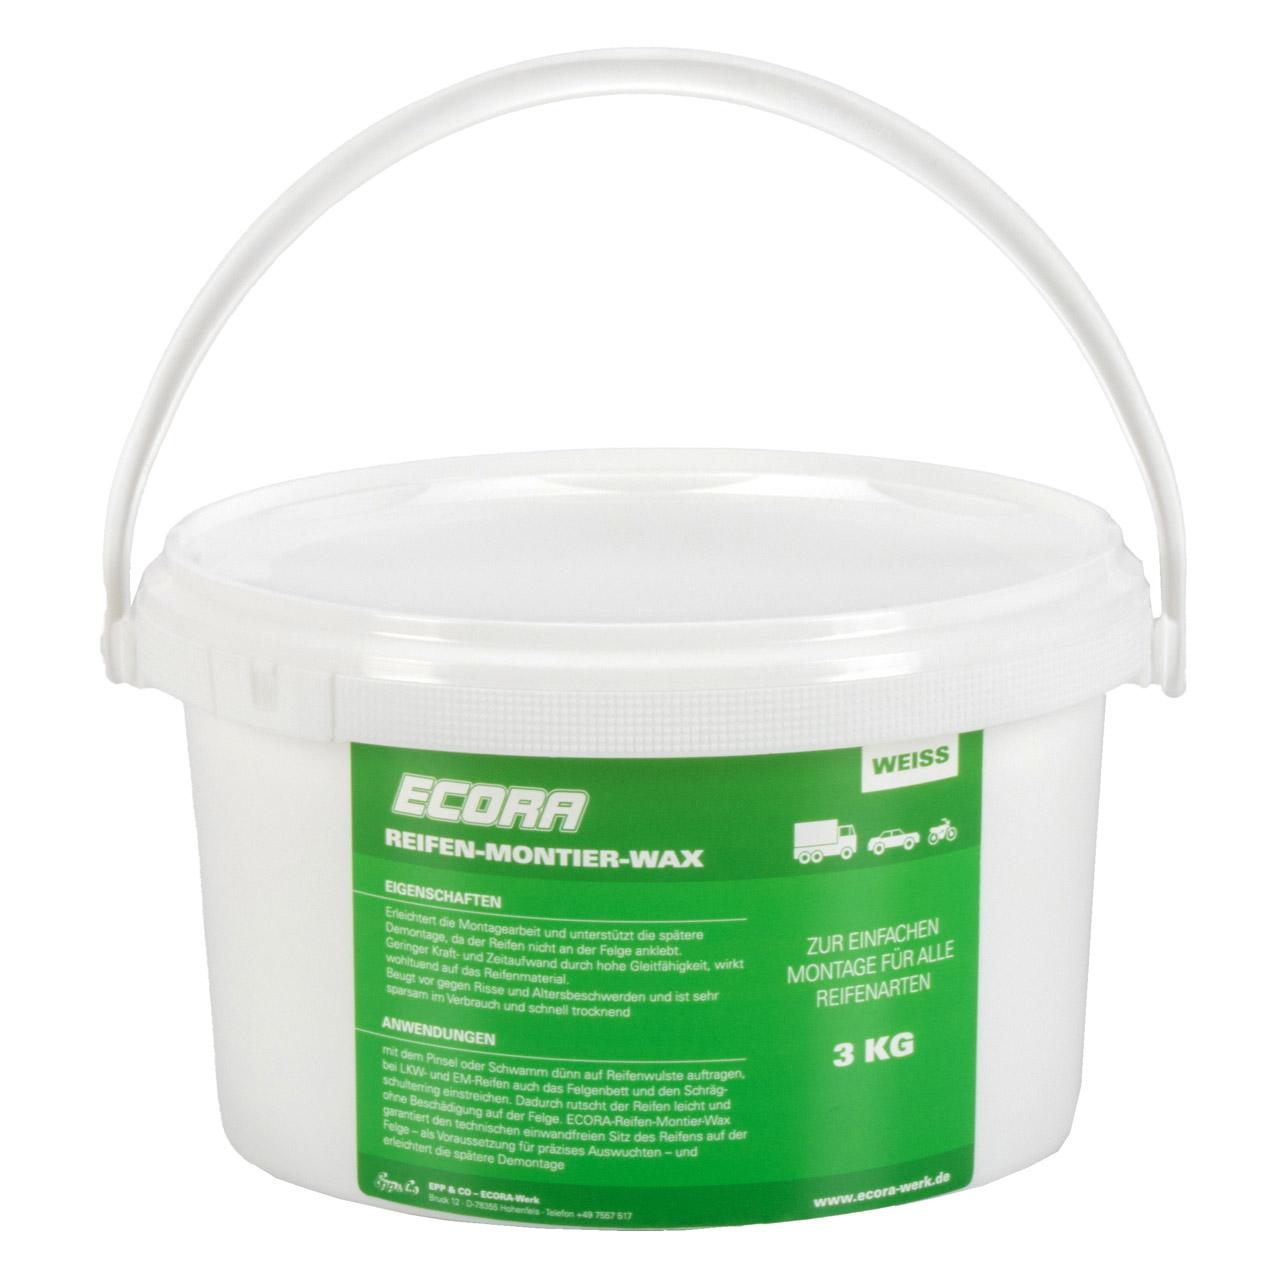 ECORA Reifen-Montier-Wax Reifenmontagepaste Reifenmontage Wachs WEIß 3 kg + Pinsel